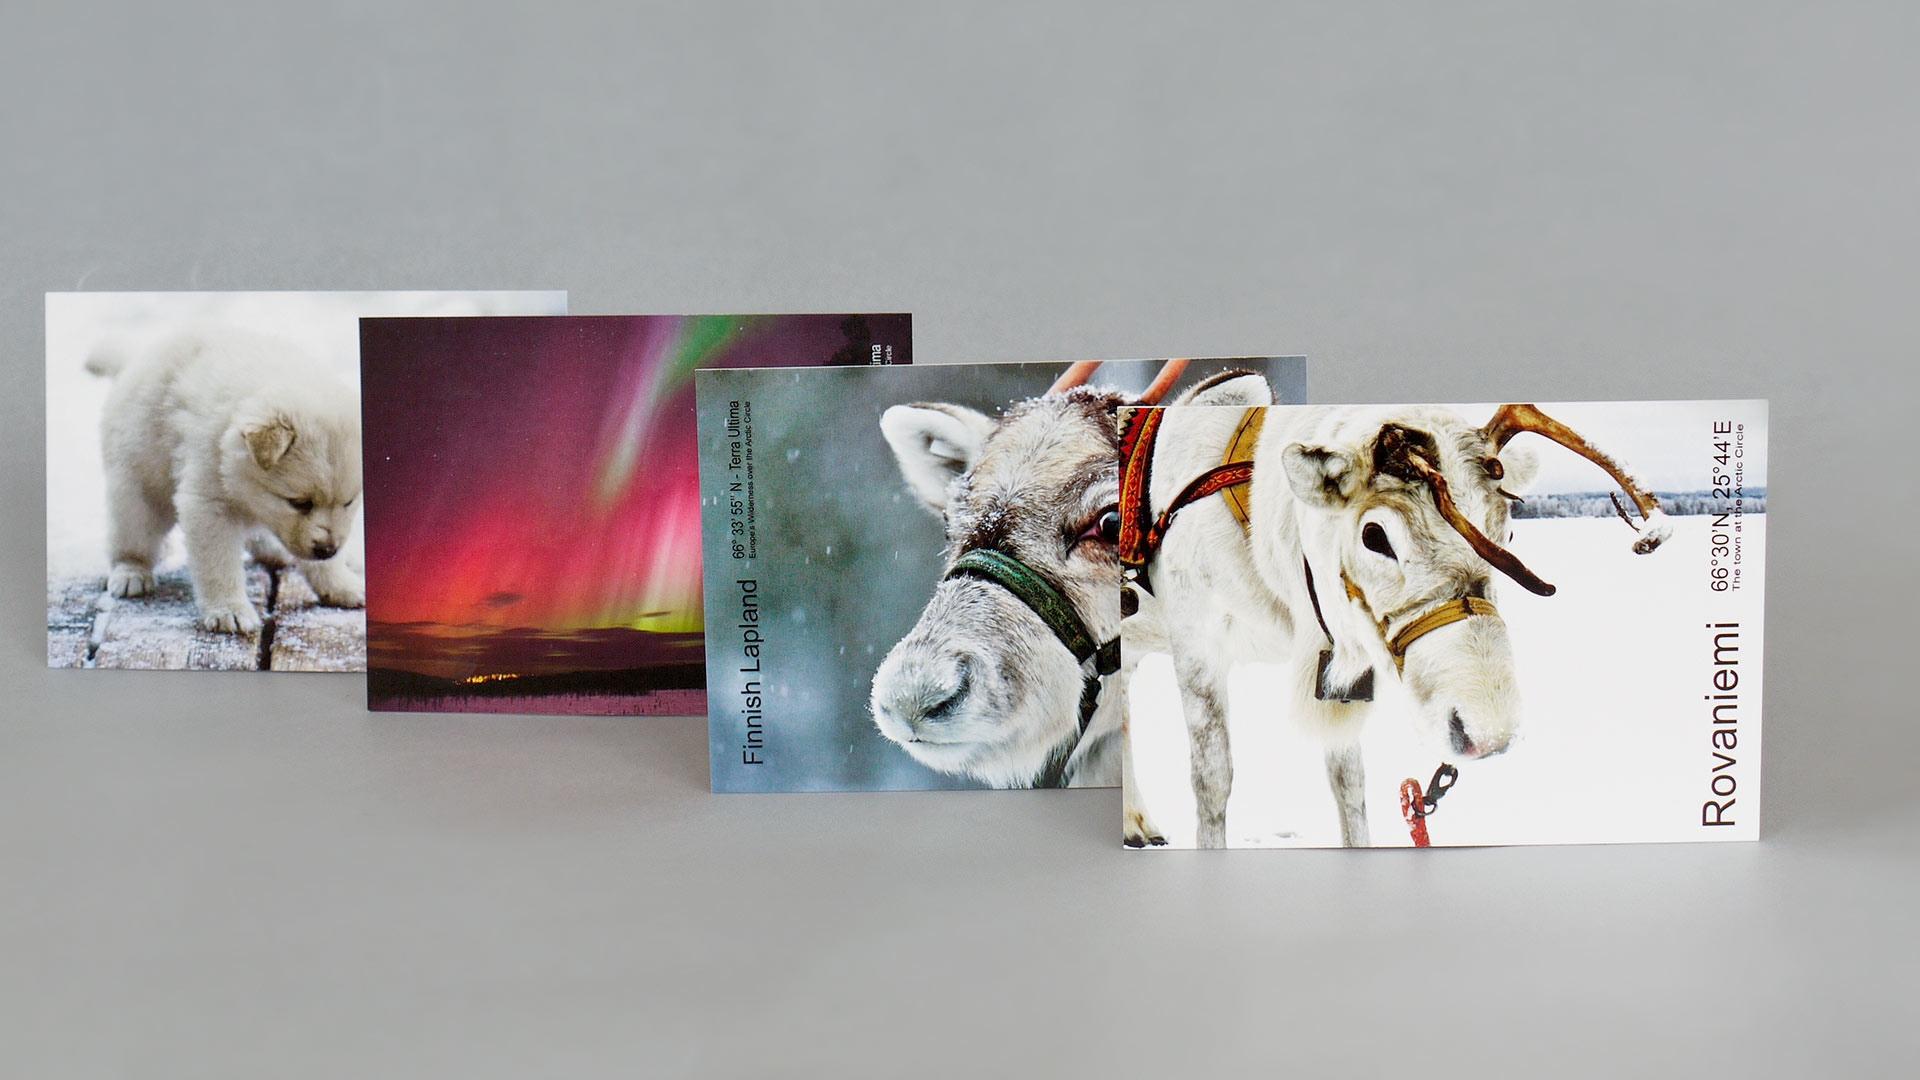 _1140430 ThomasDruck - Referenzen- Finnland-Postkarten